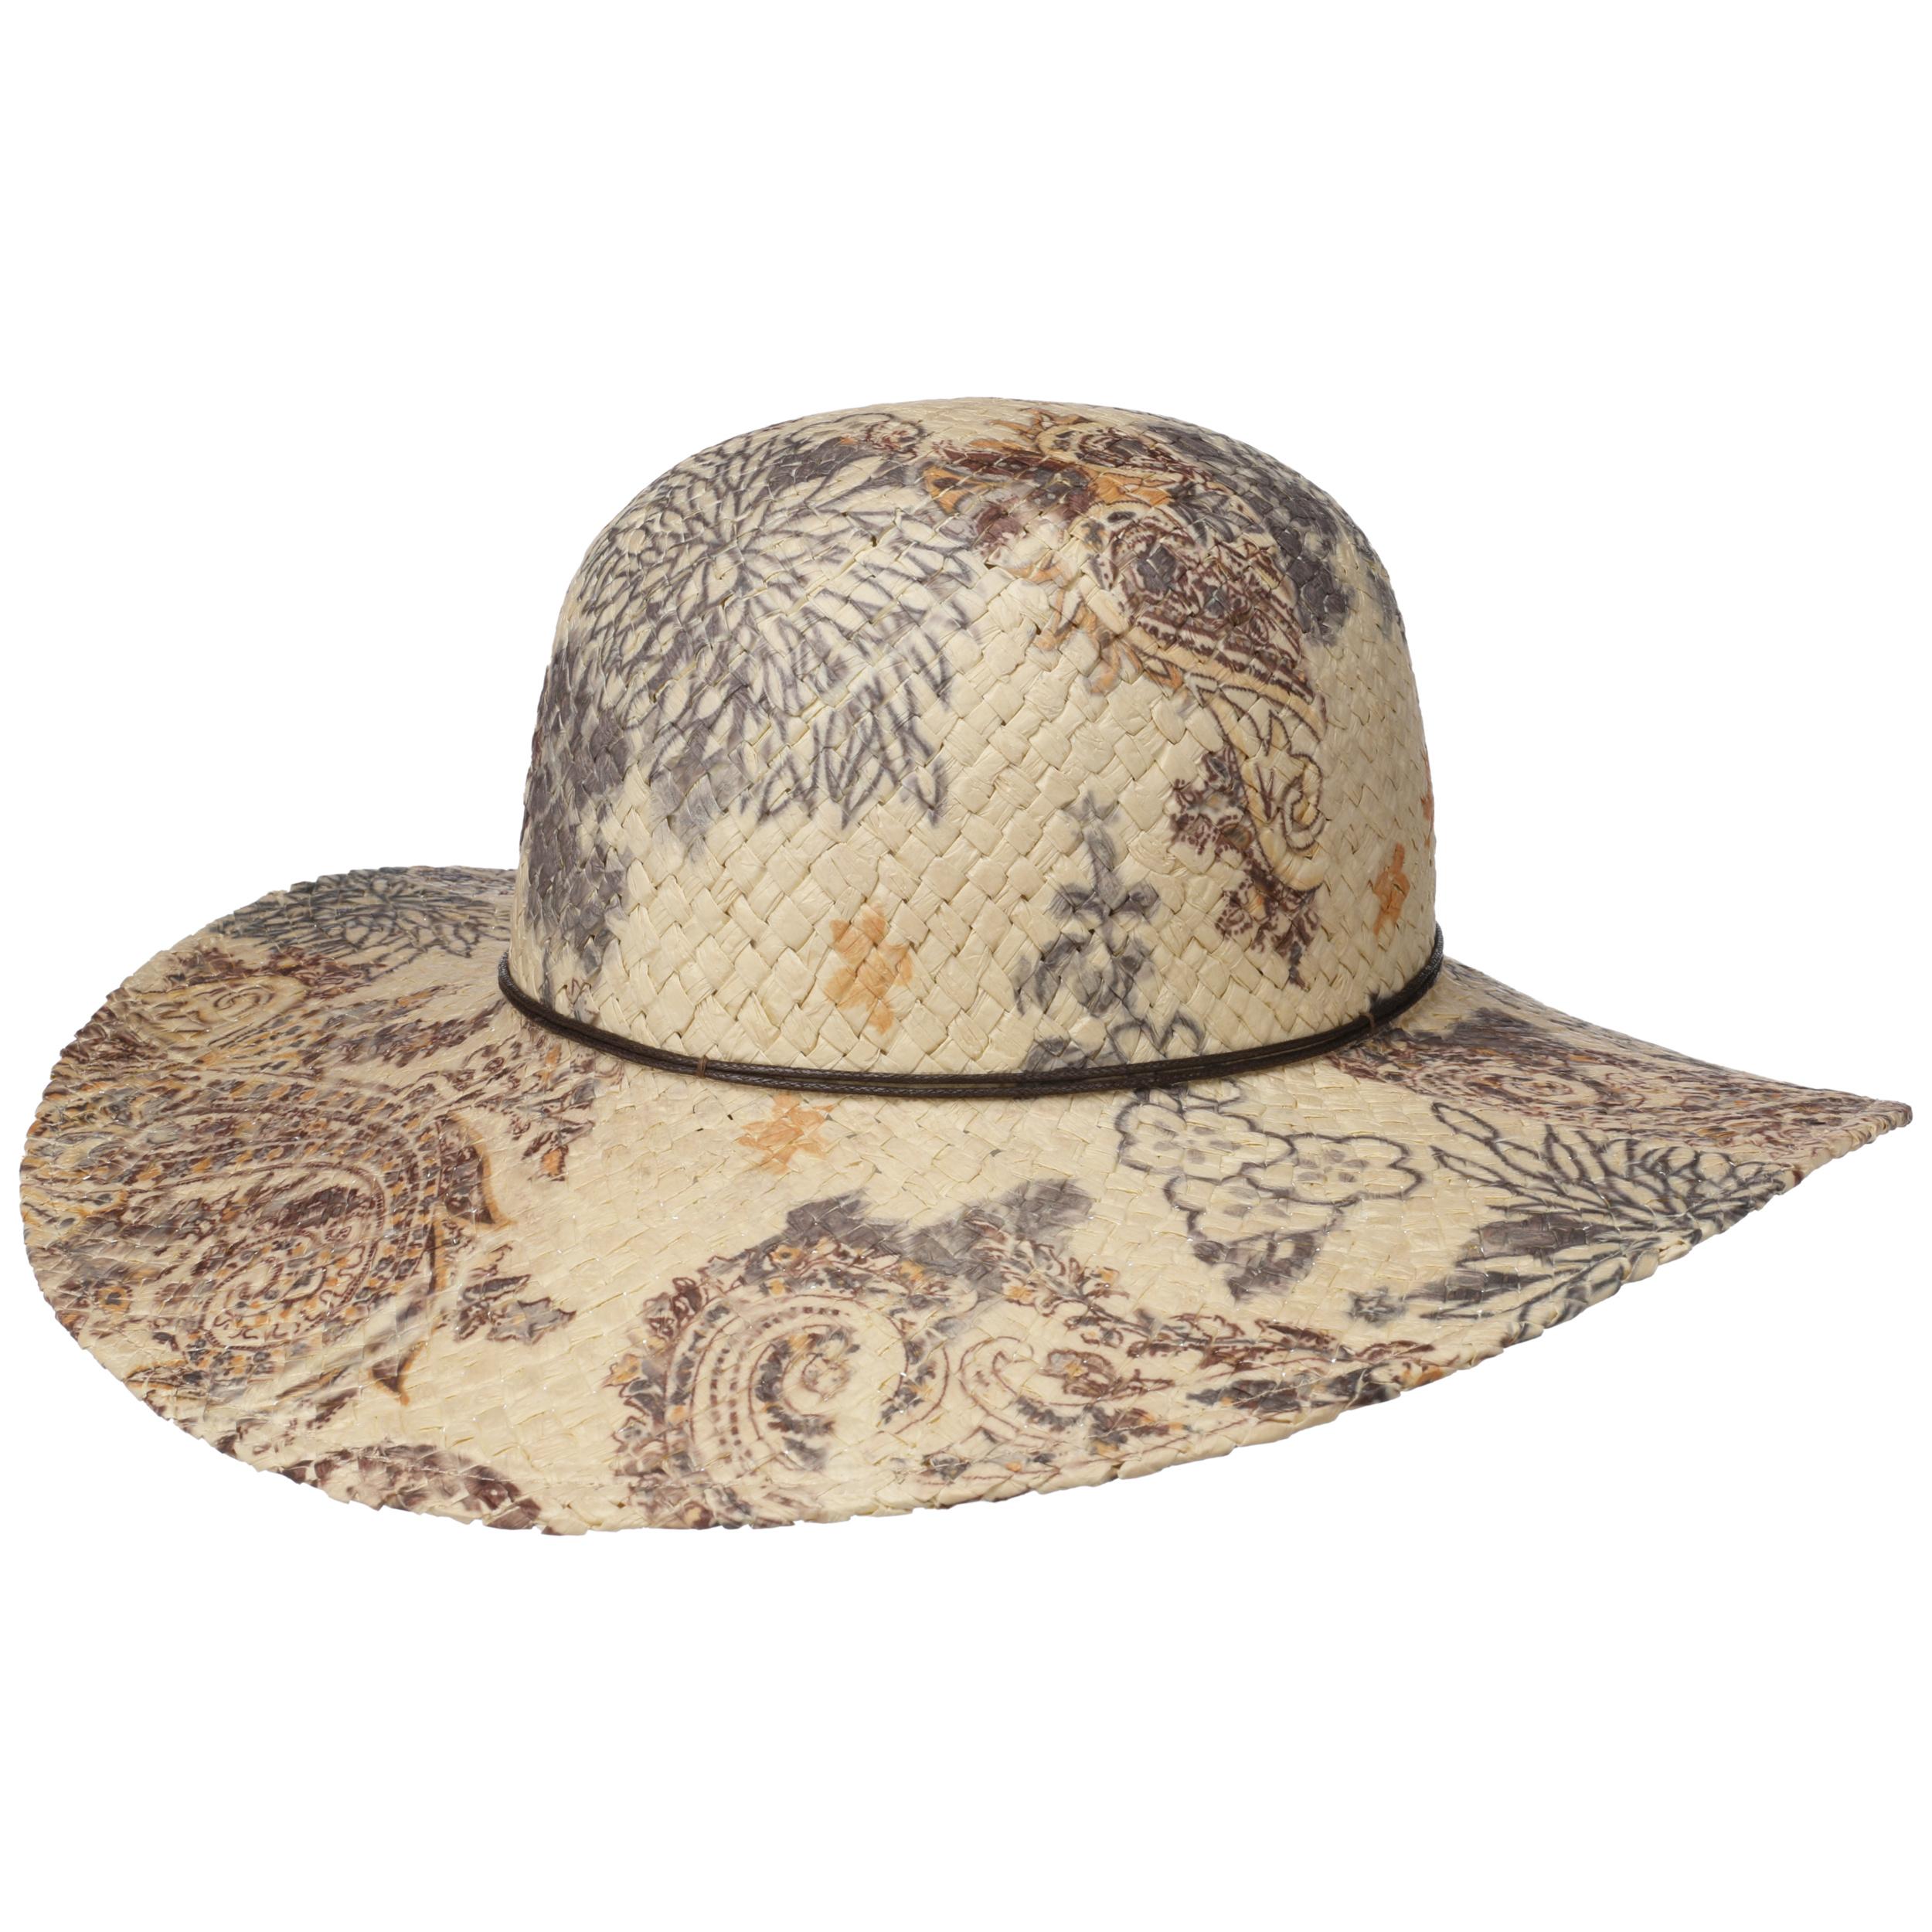 ... Cappello a Tesa Larga Paisley - natura 5 7b934a14128c